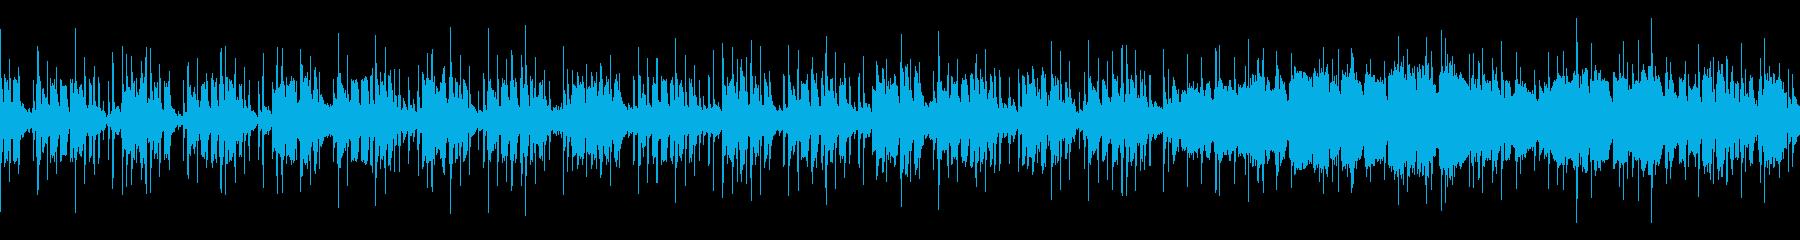 ゲーム、アクション・炎系(Loop対応)の再生済みの波形